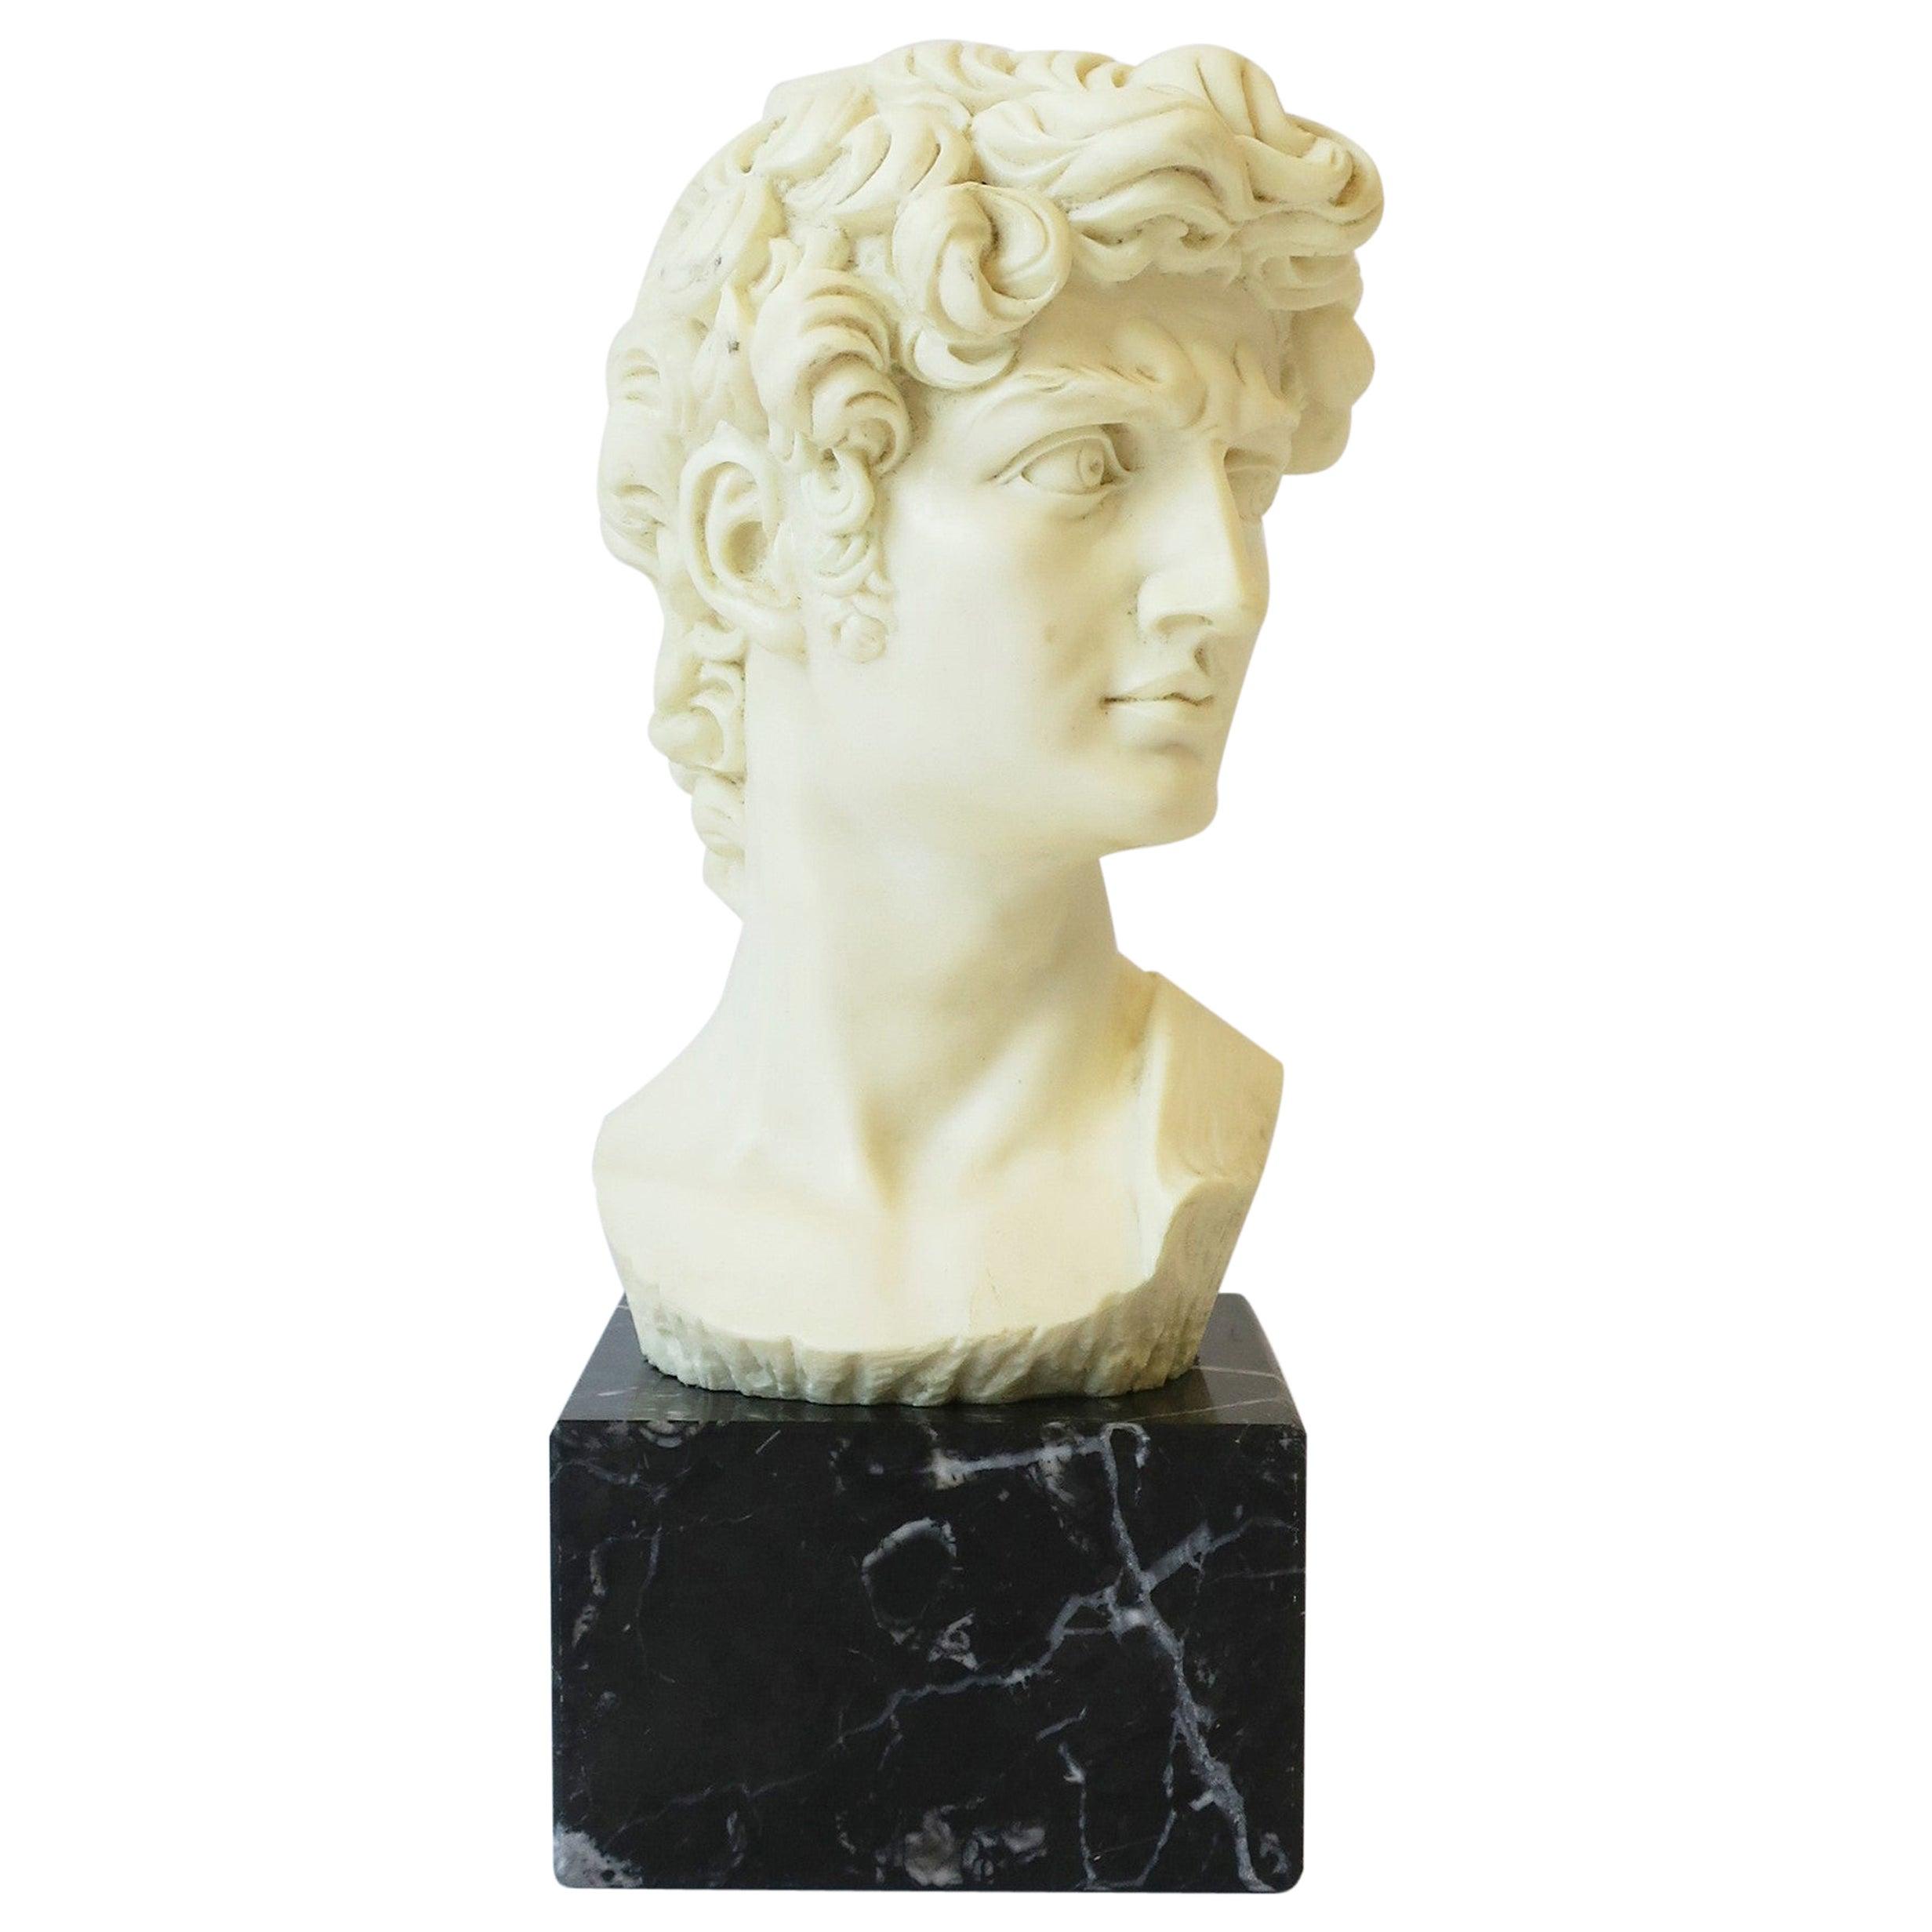 Italian Roman 'David' Sculpture on Black Marble Base